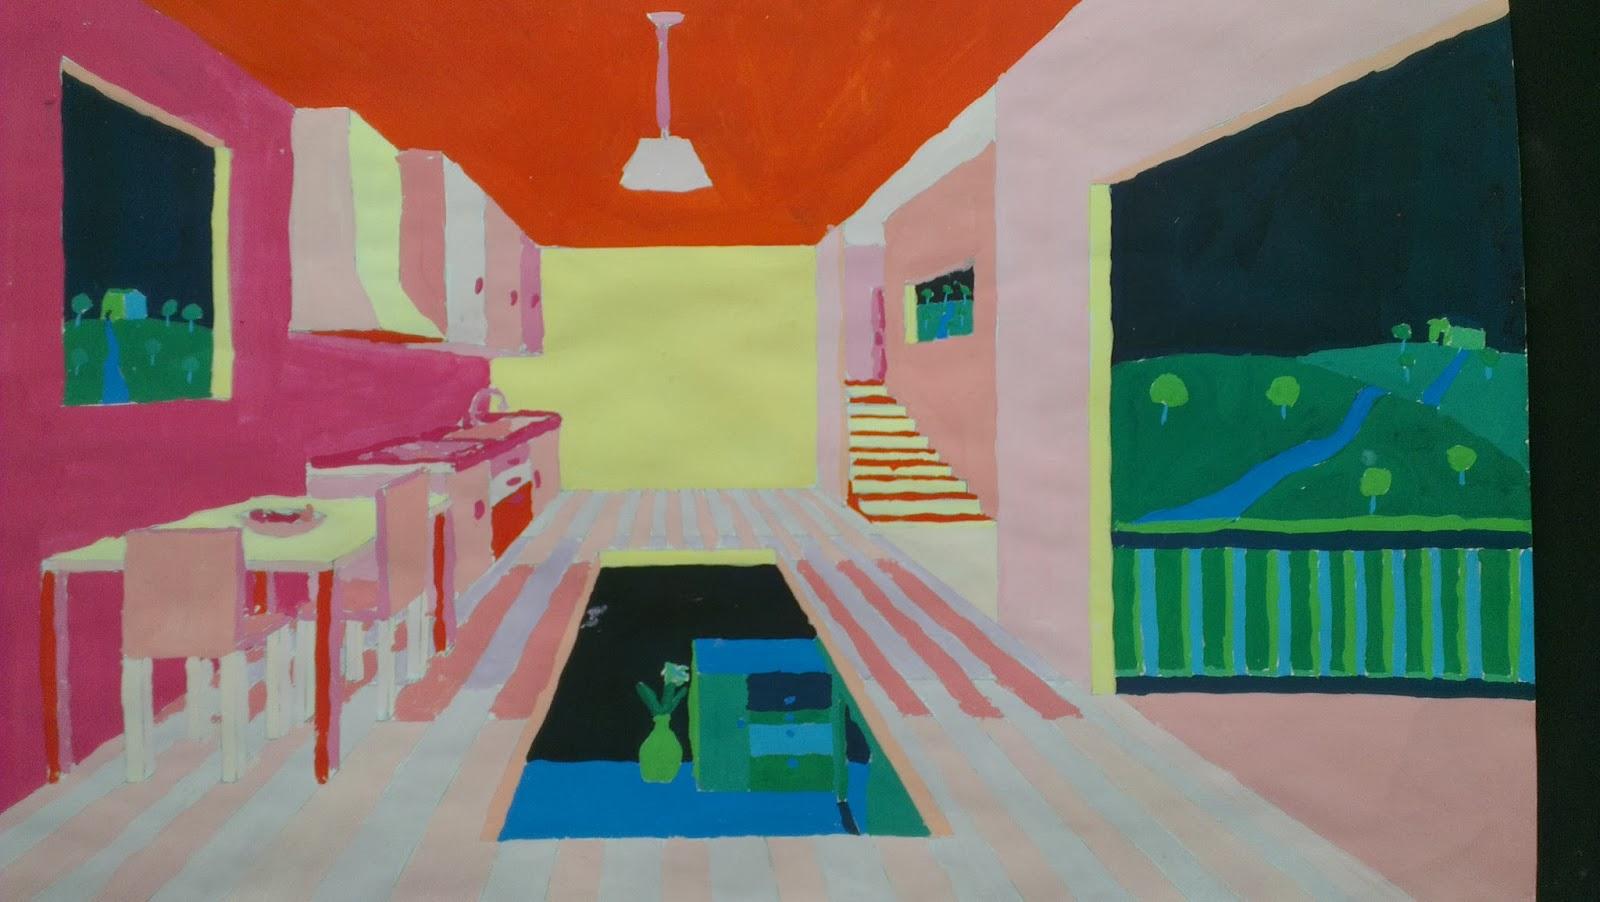 Kunstenmakers centraal perspectief in warme en koude kleuren - Koude en warme kleuren ...